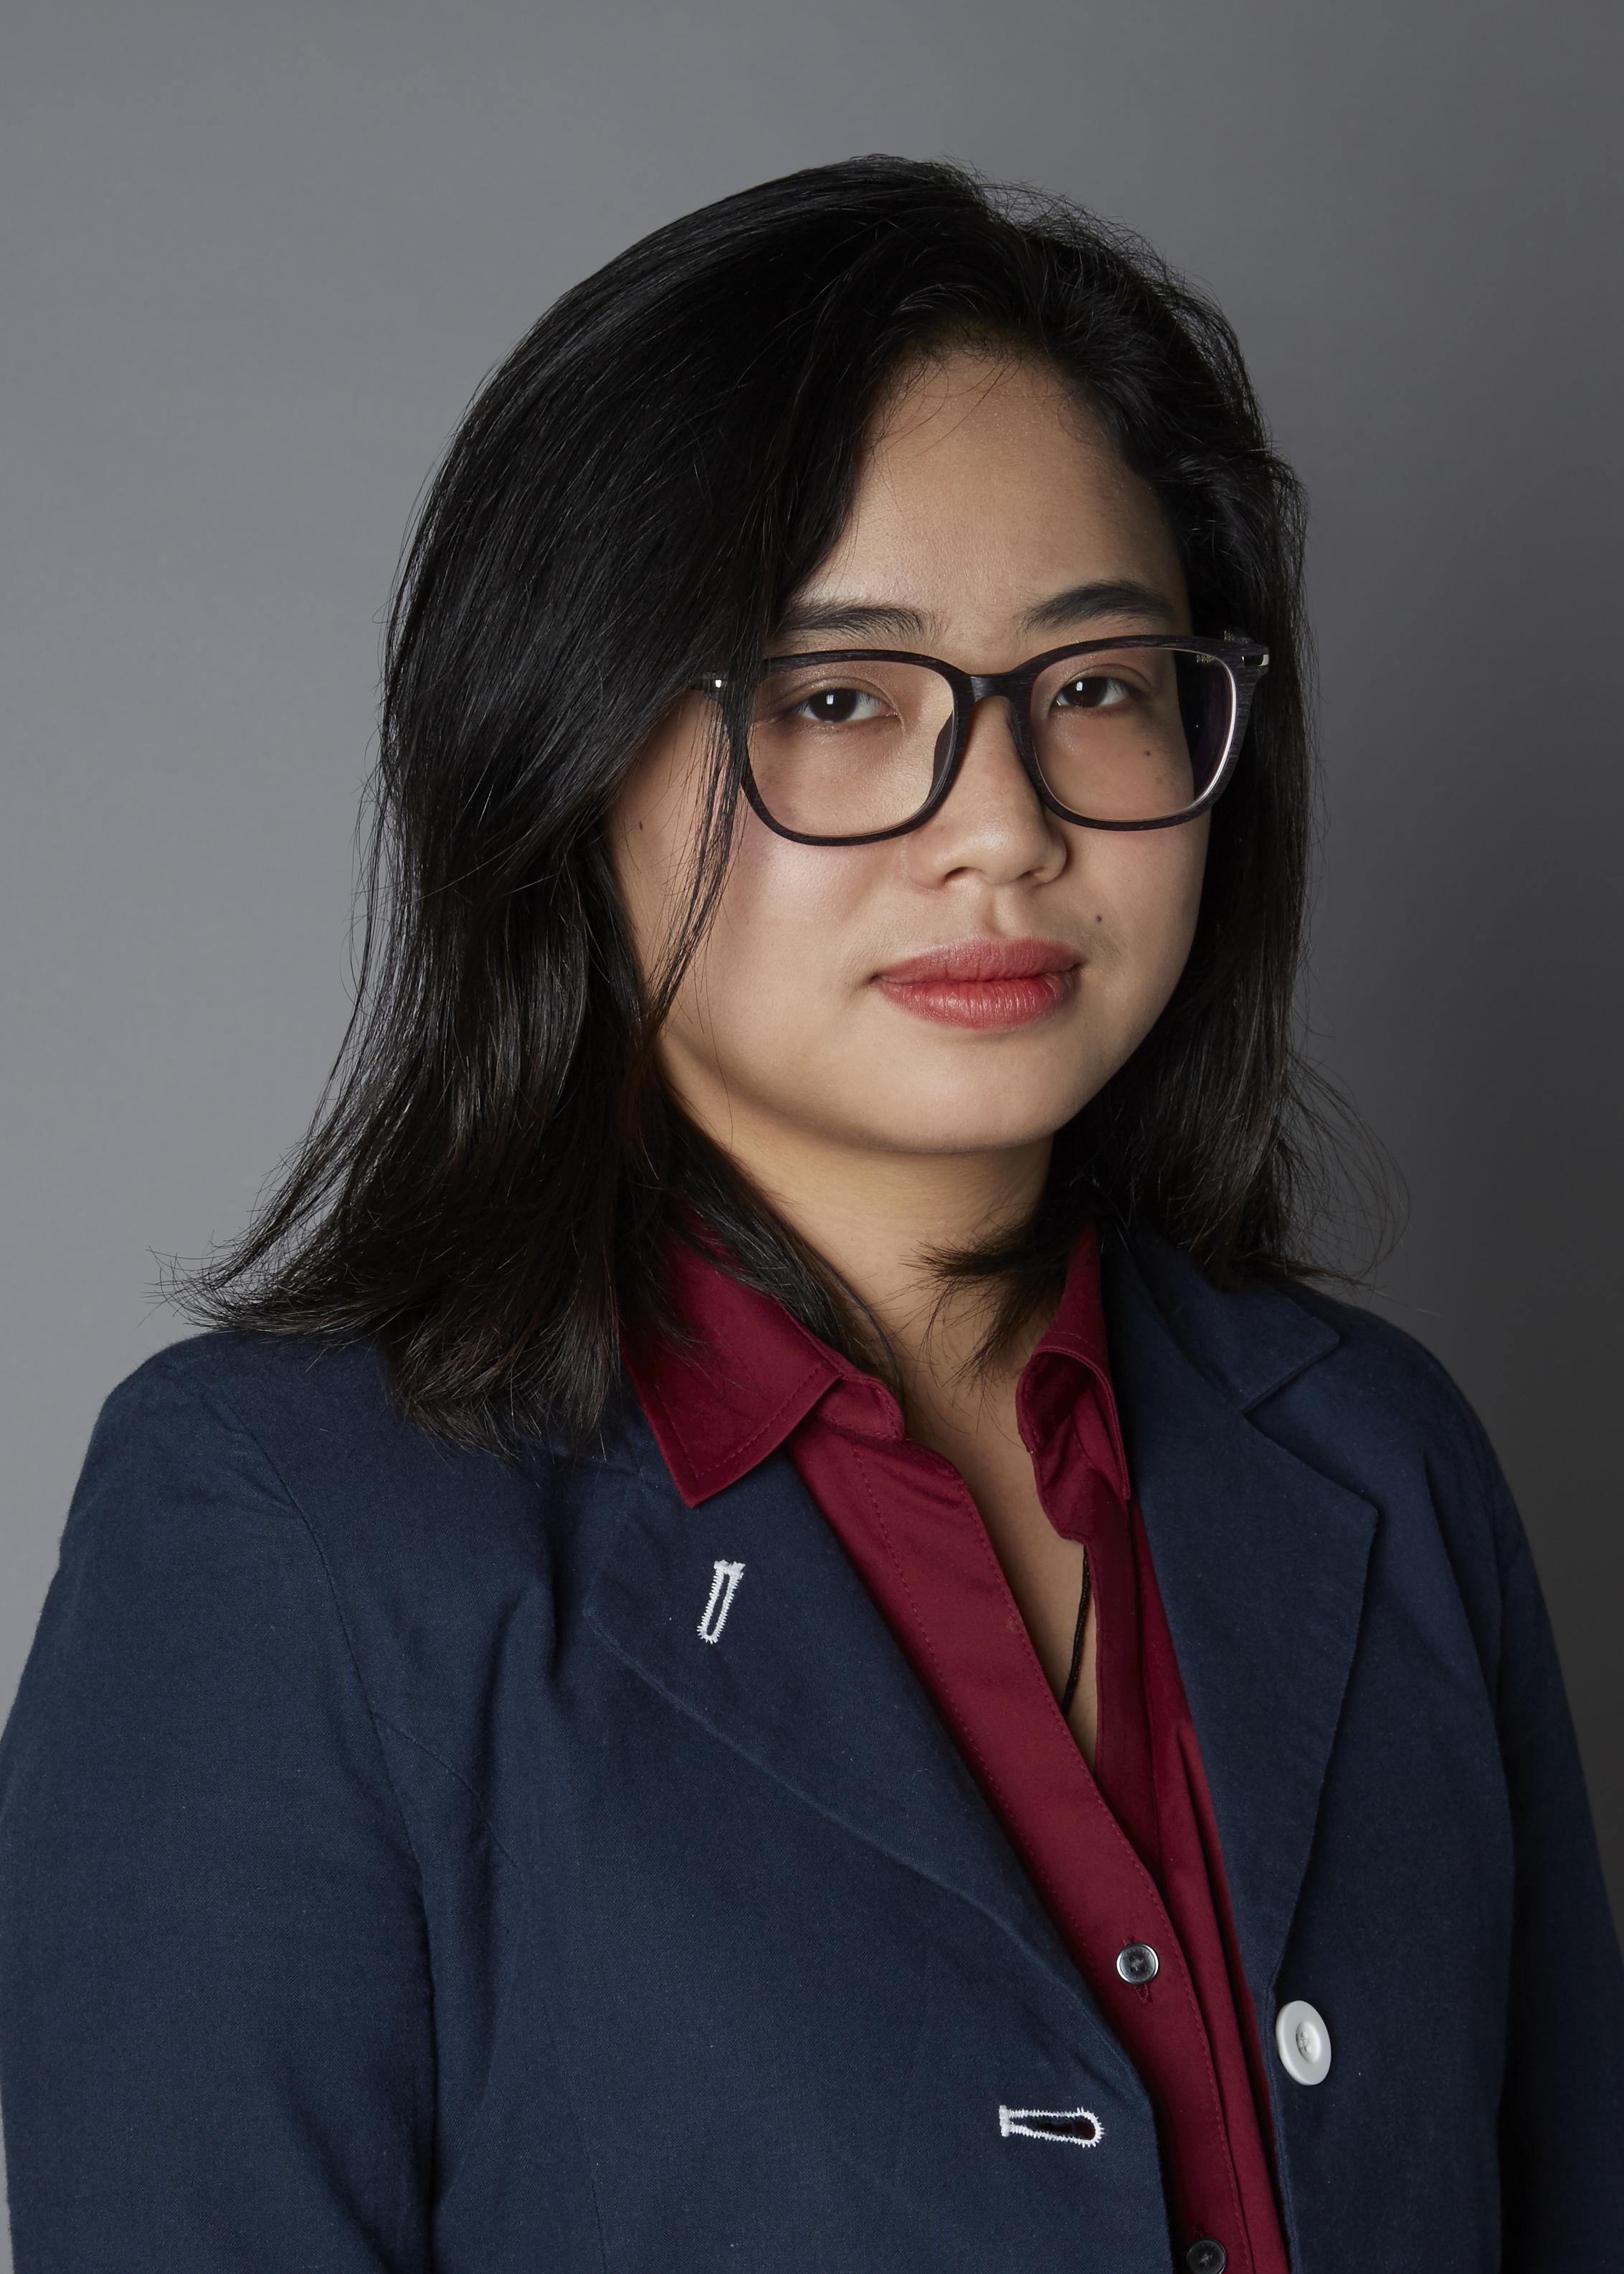 Headshot of Zhisang Chen